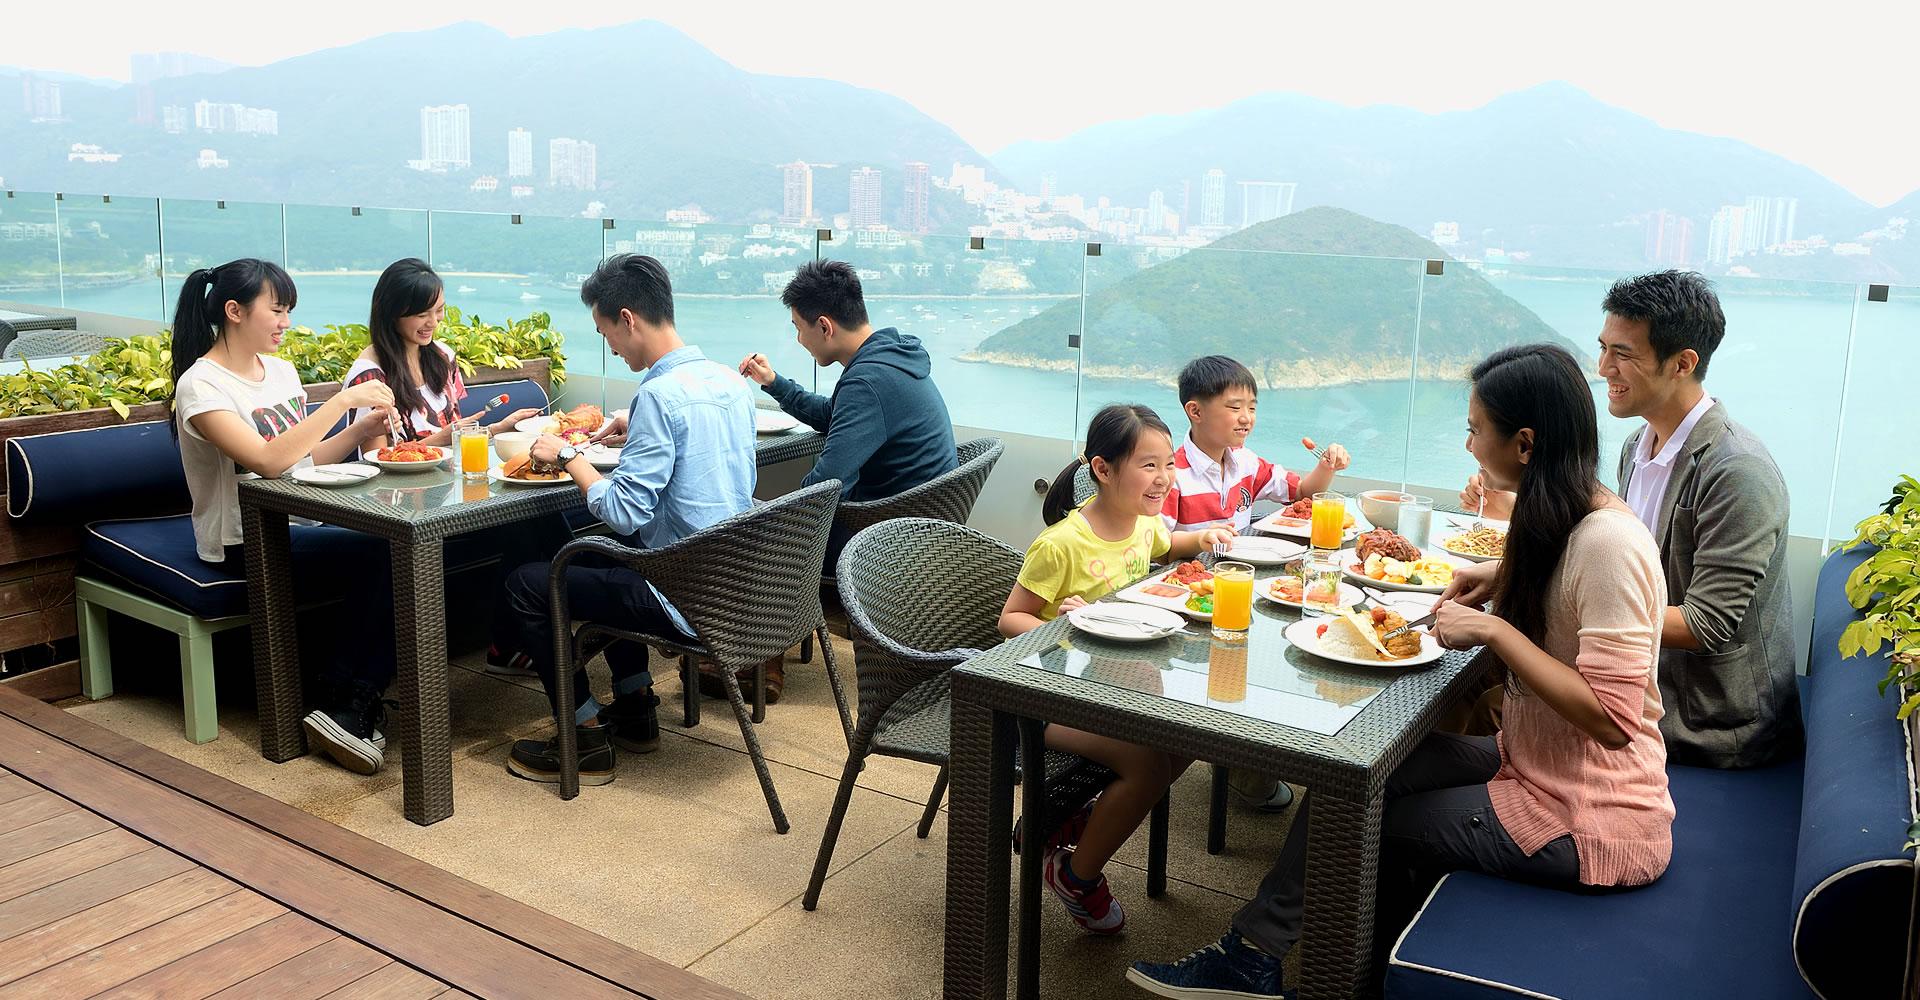 https://media.oceanpark.com.hk/files/s3fs-public/TheTerraceCafe2.jpg